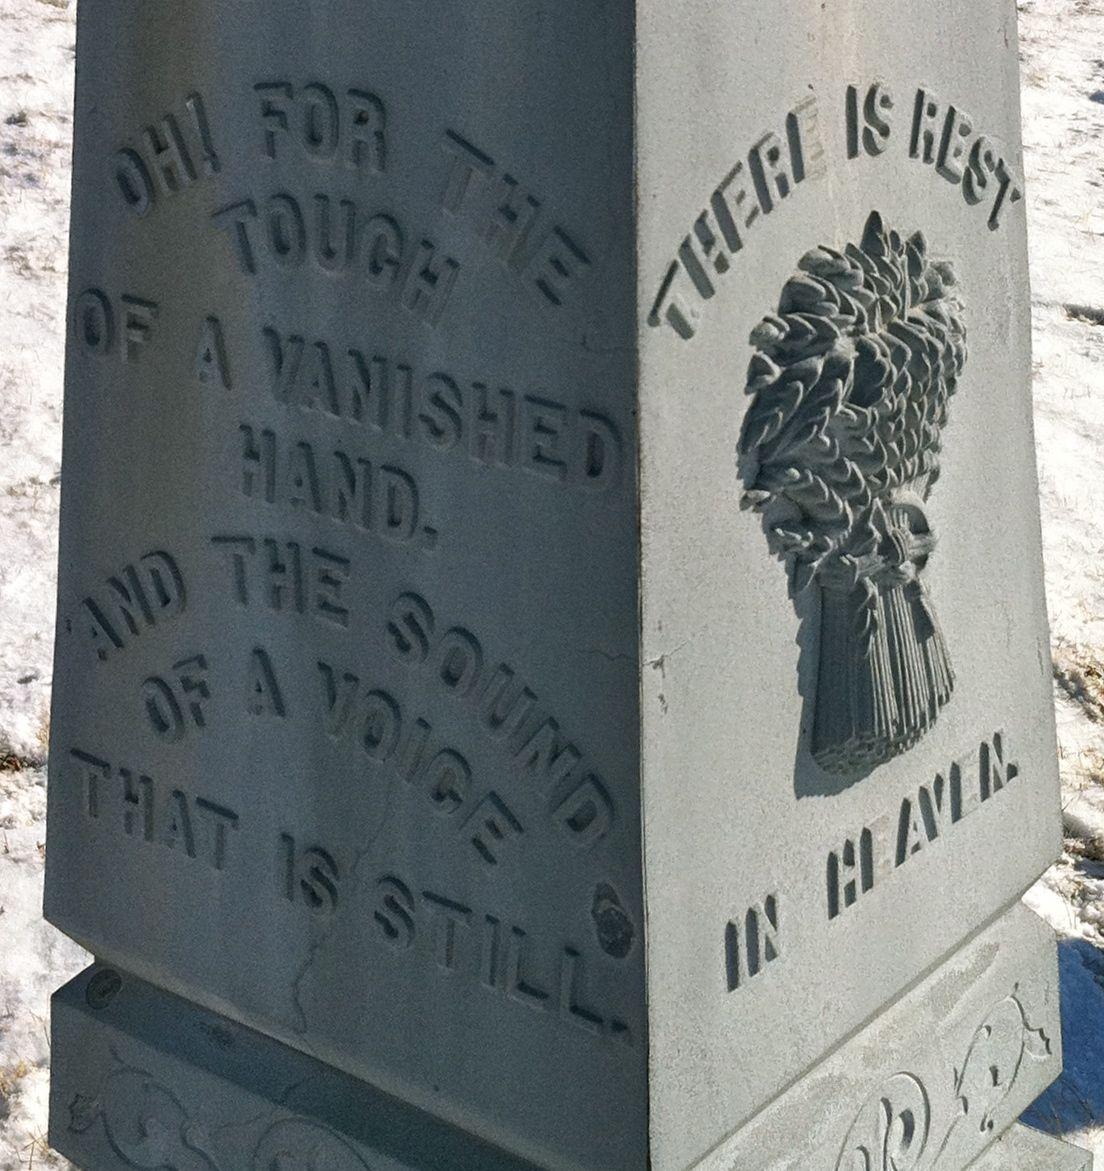 break break break by alfred lord tennyson the wrinkled sea beneath  gravestoned friday 14 2011